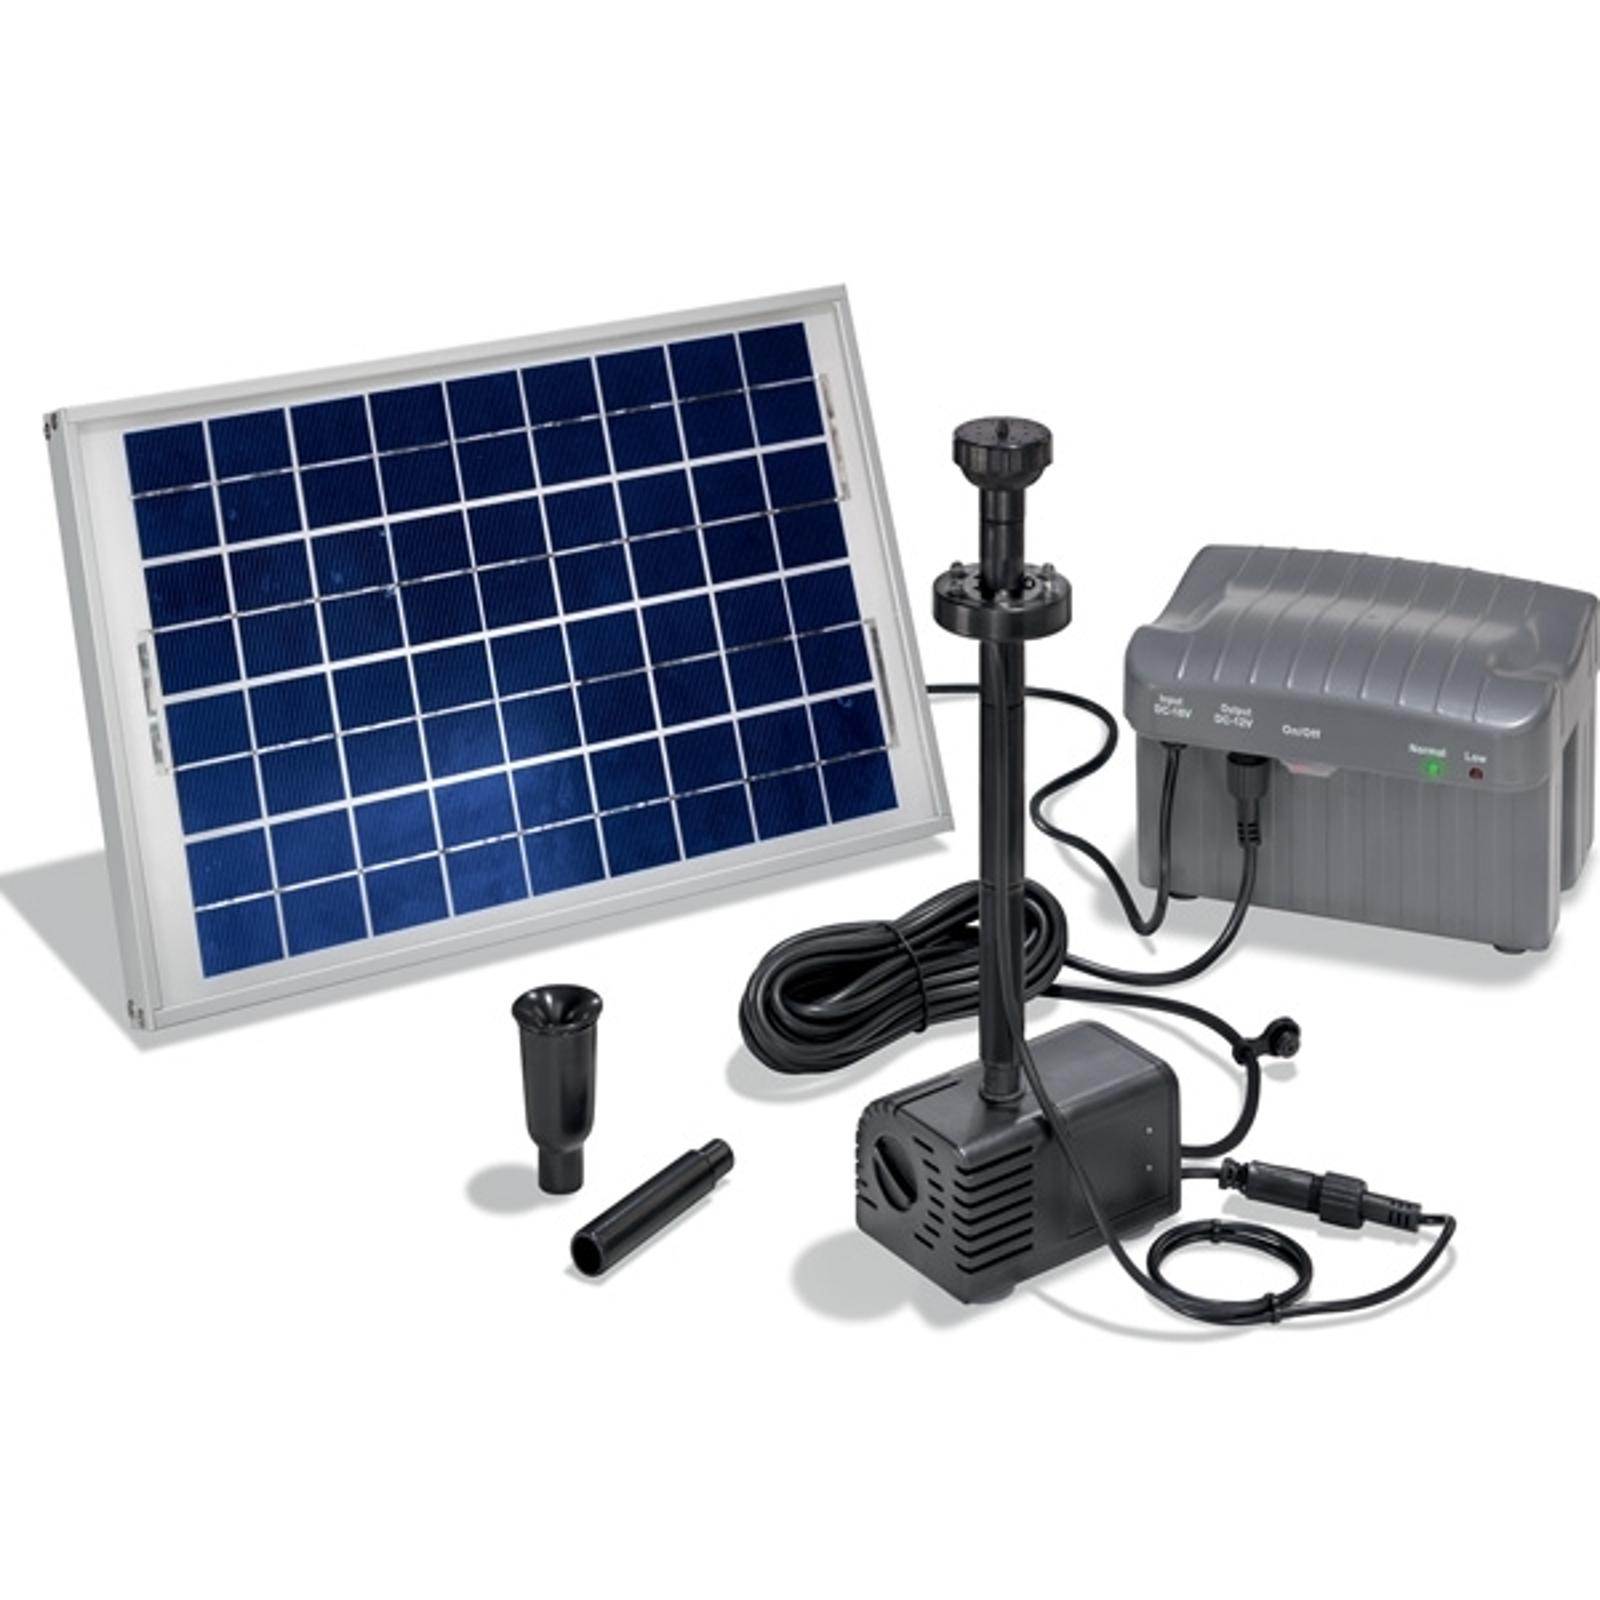 Solárny čerpadlový systém Siena s diódami LED_3012106_1